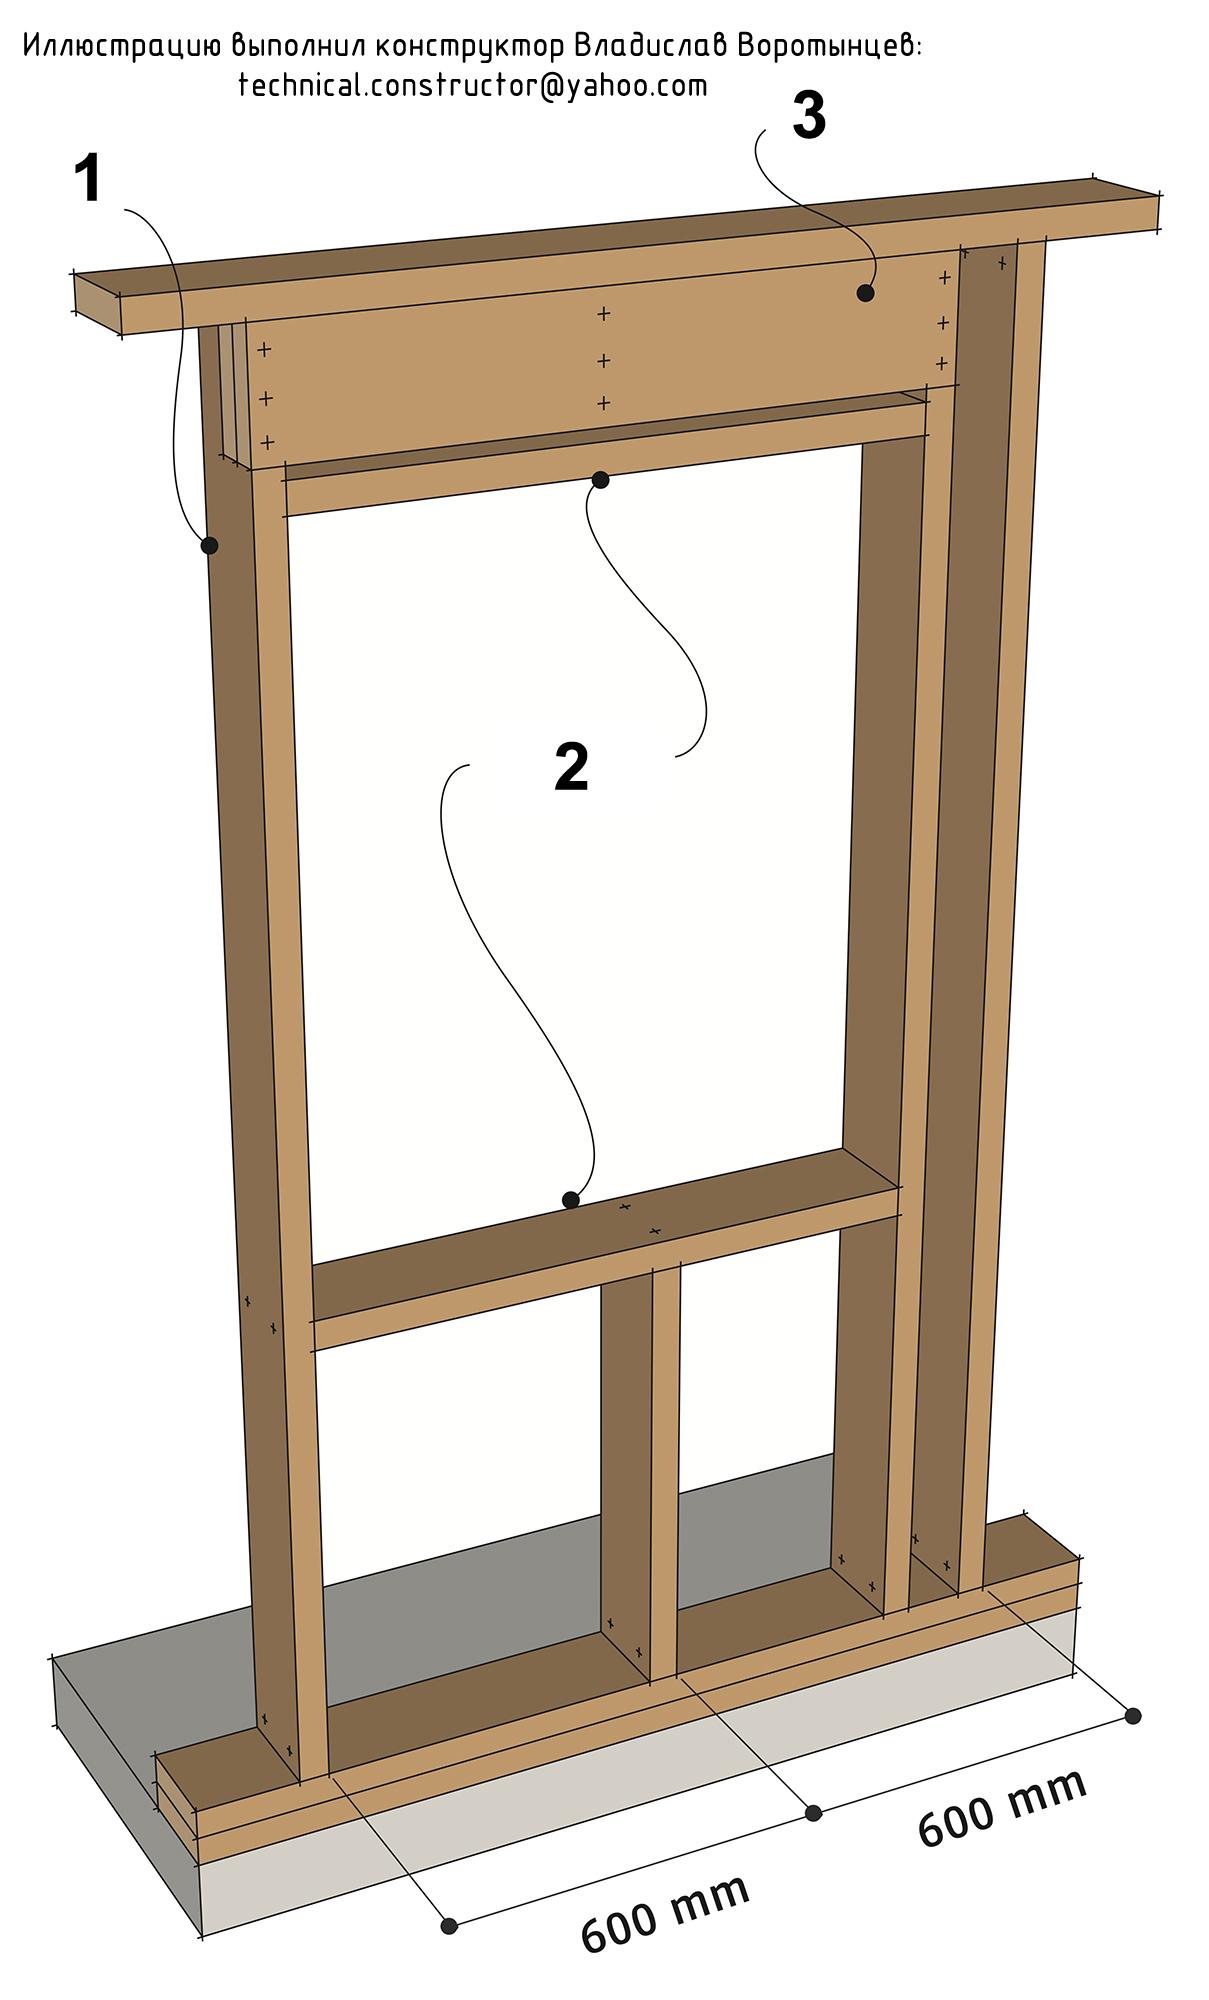 Рис. 9.22 Проём в несущей деревянной каркасной стене с нагрузкой от кровли - (проём типа B по норвежской классификации)